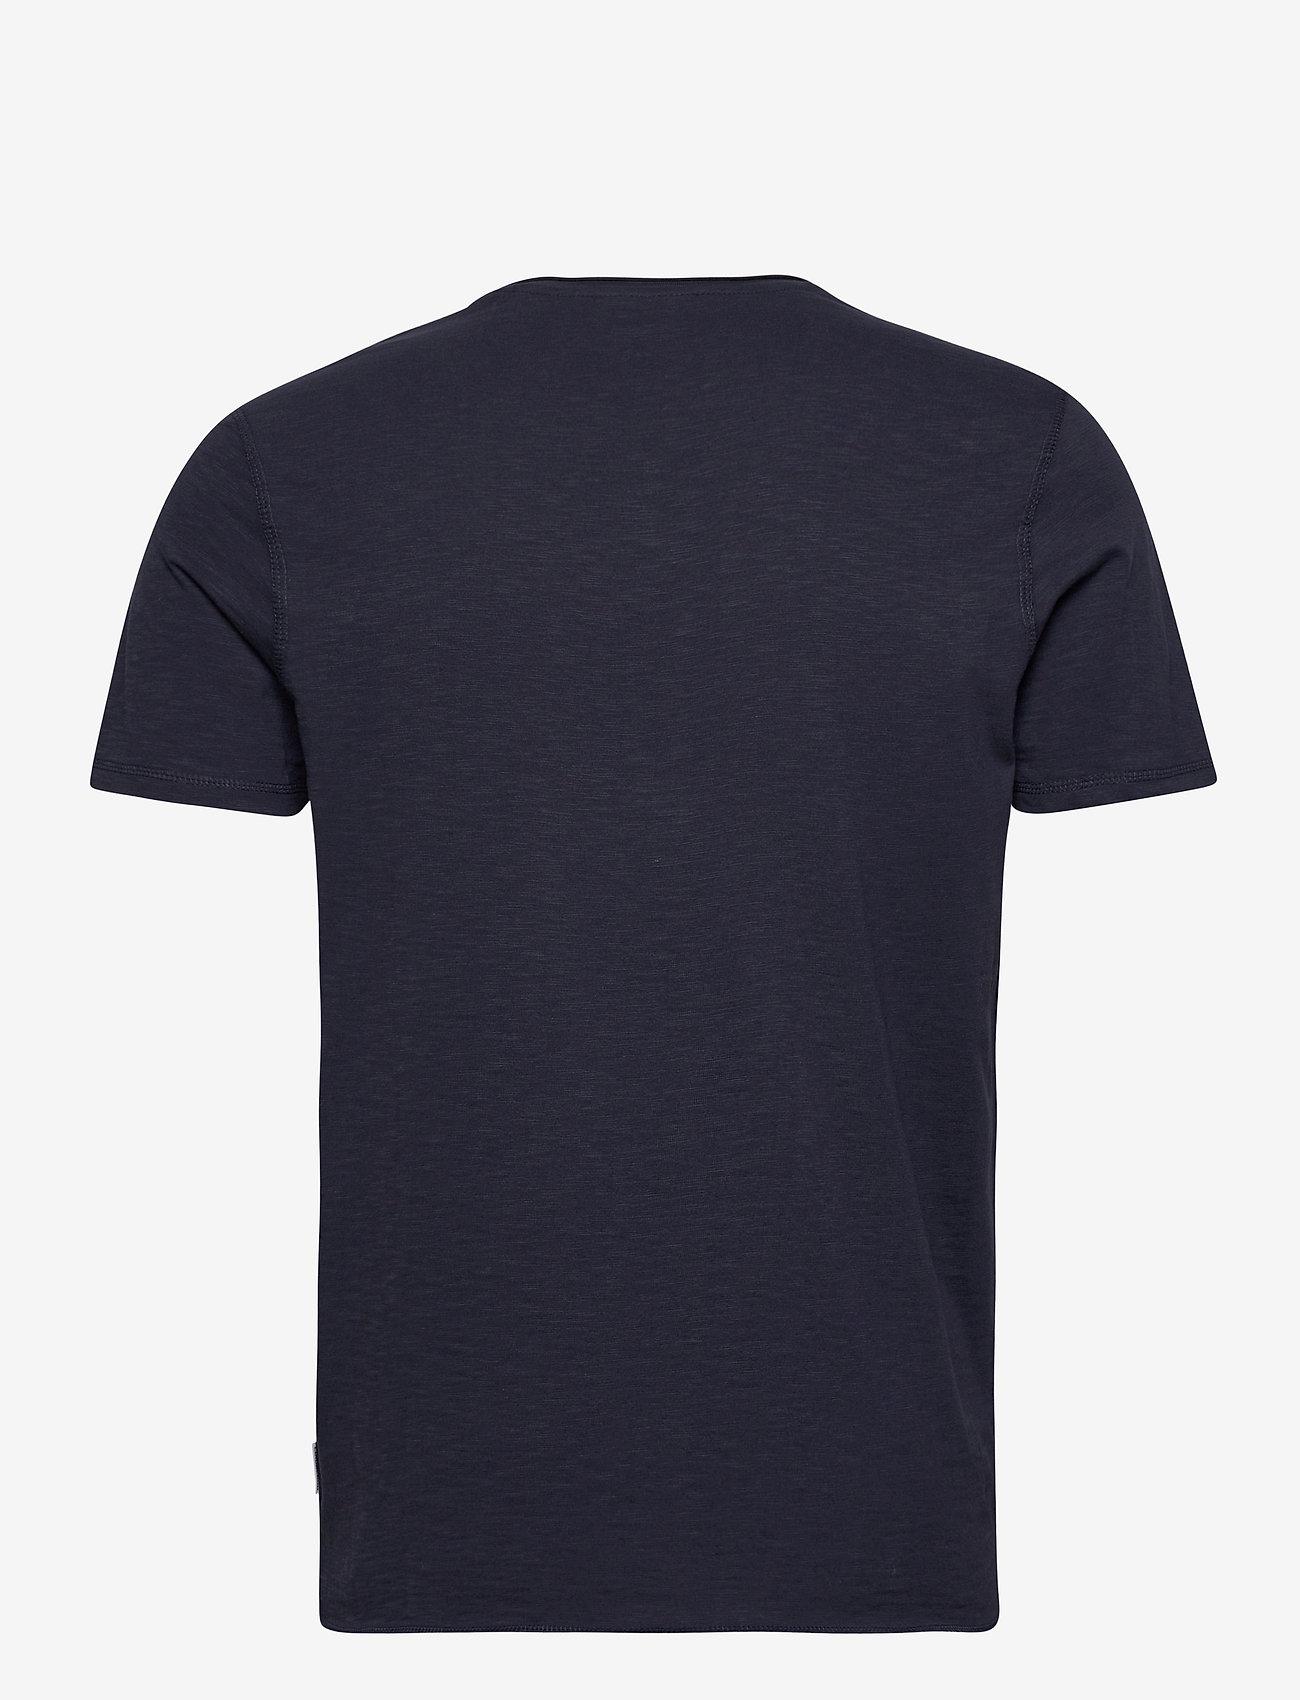 Lindbergh Raw o-neck tee S/S - T-skjorter DK BLUE - Menn Klær